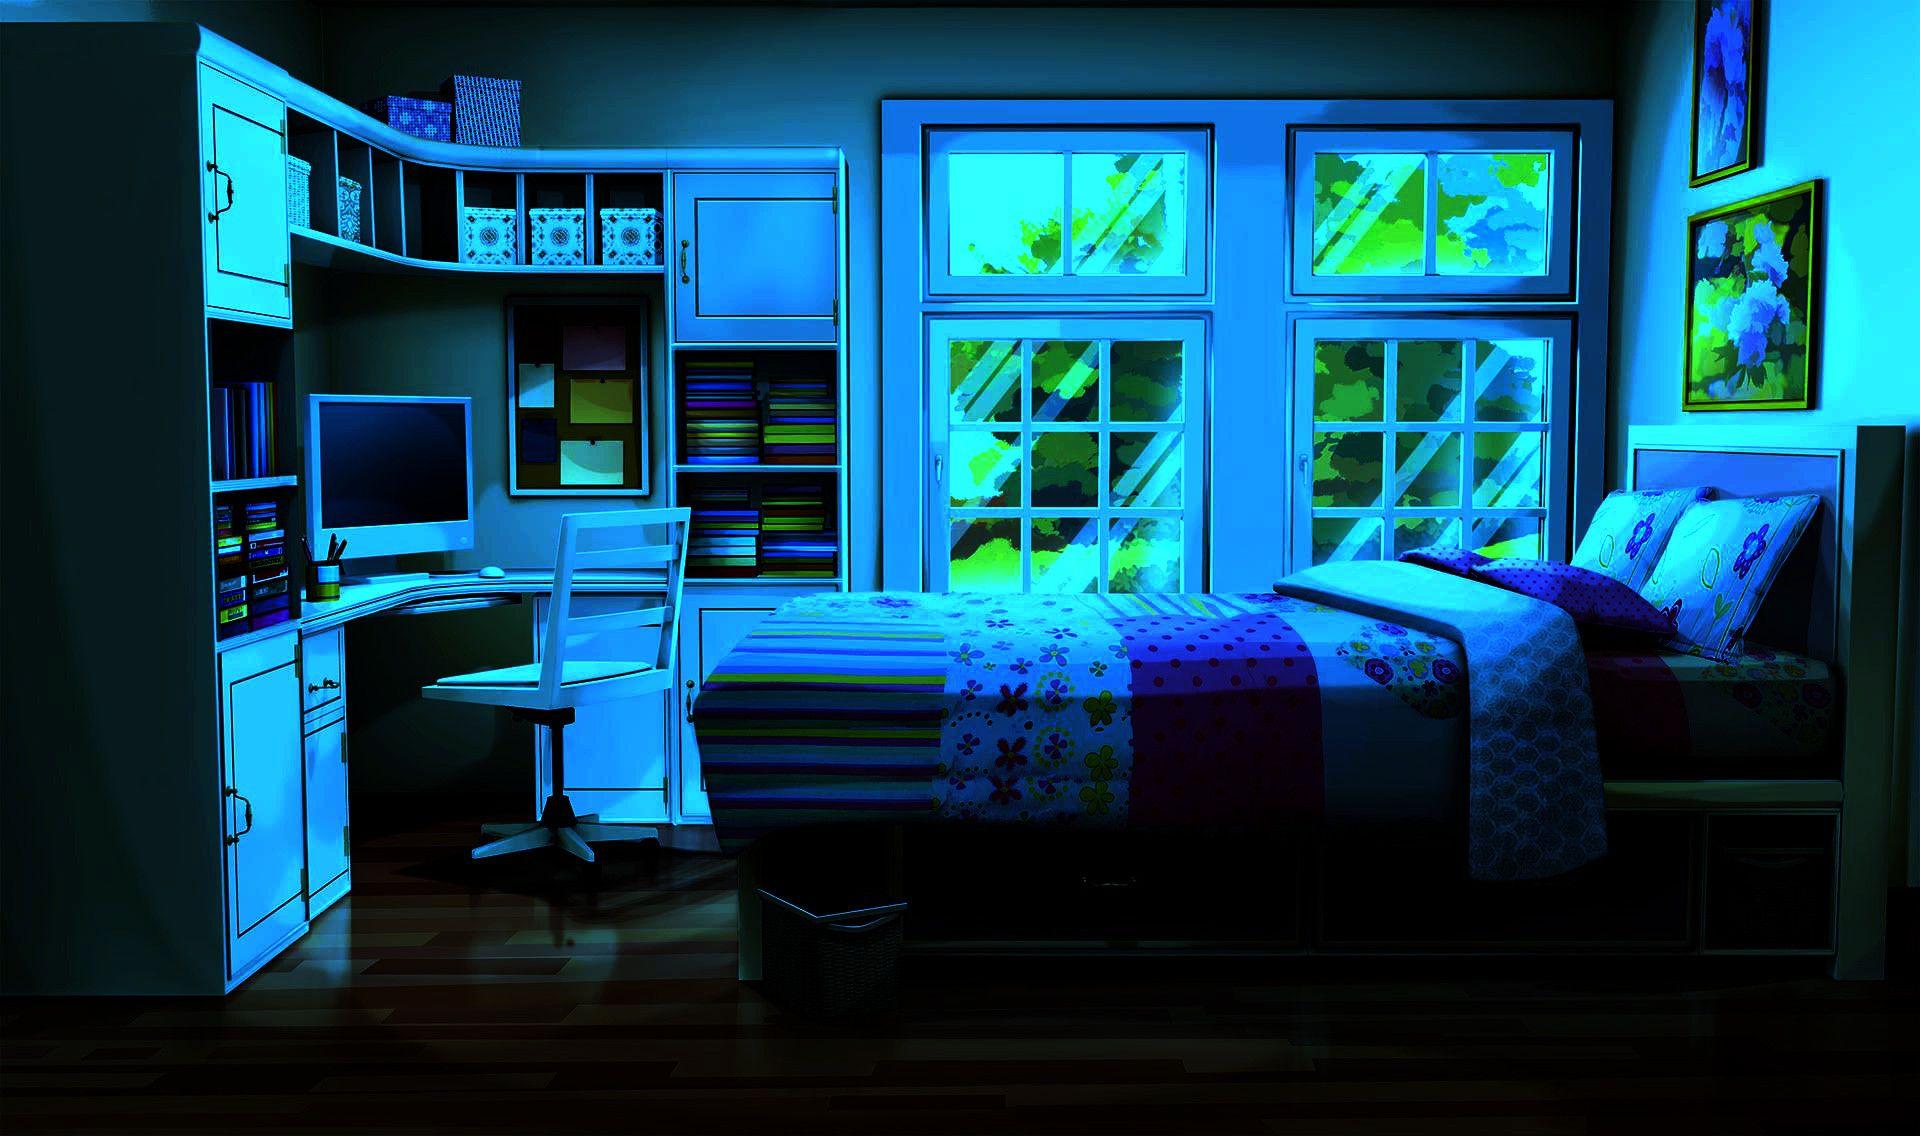 картинки комнат в интернете моей